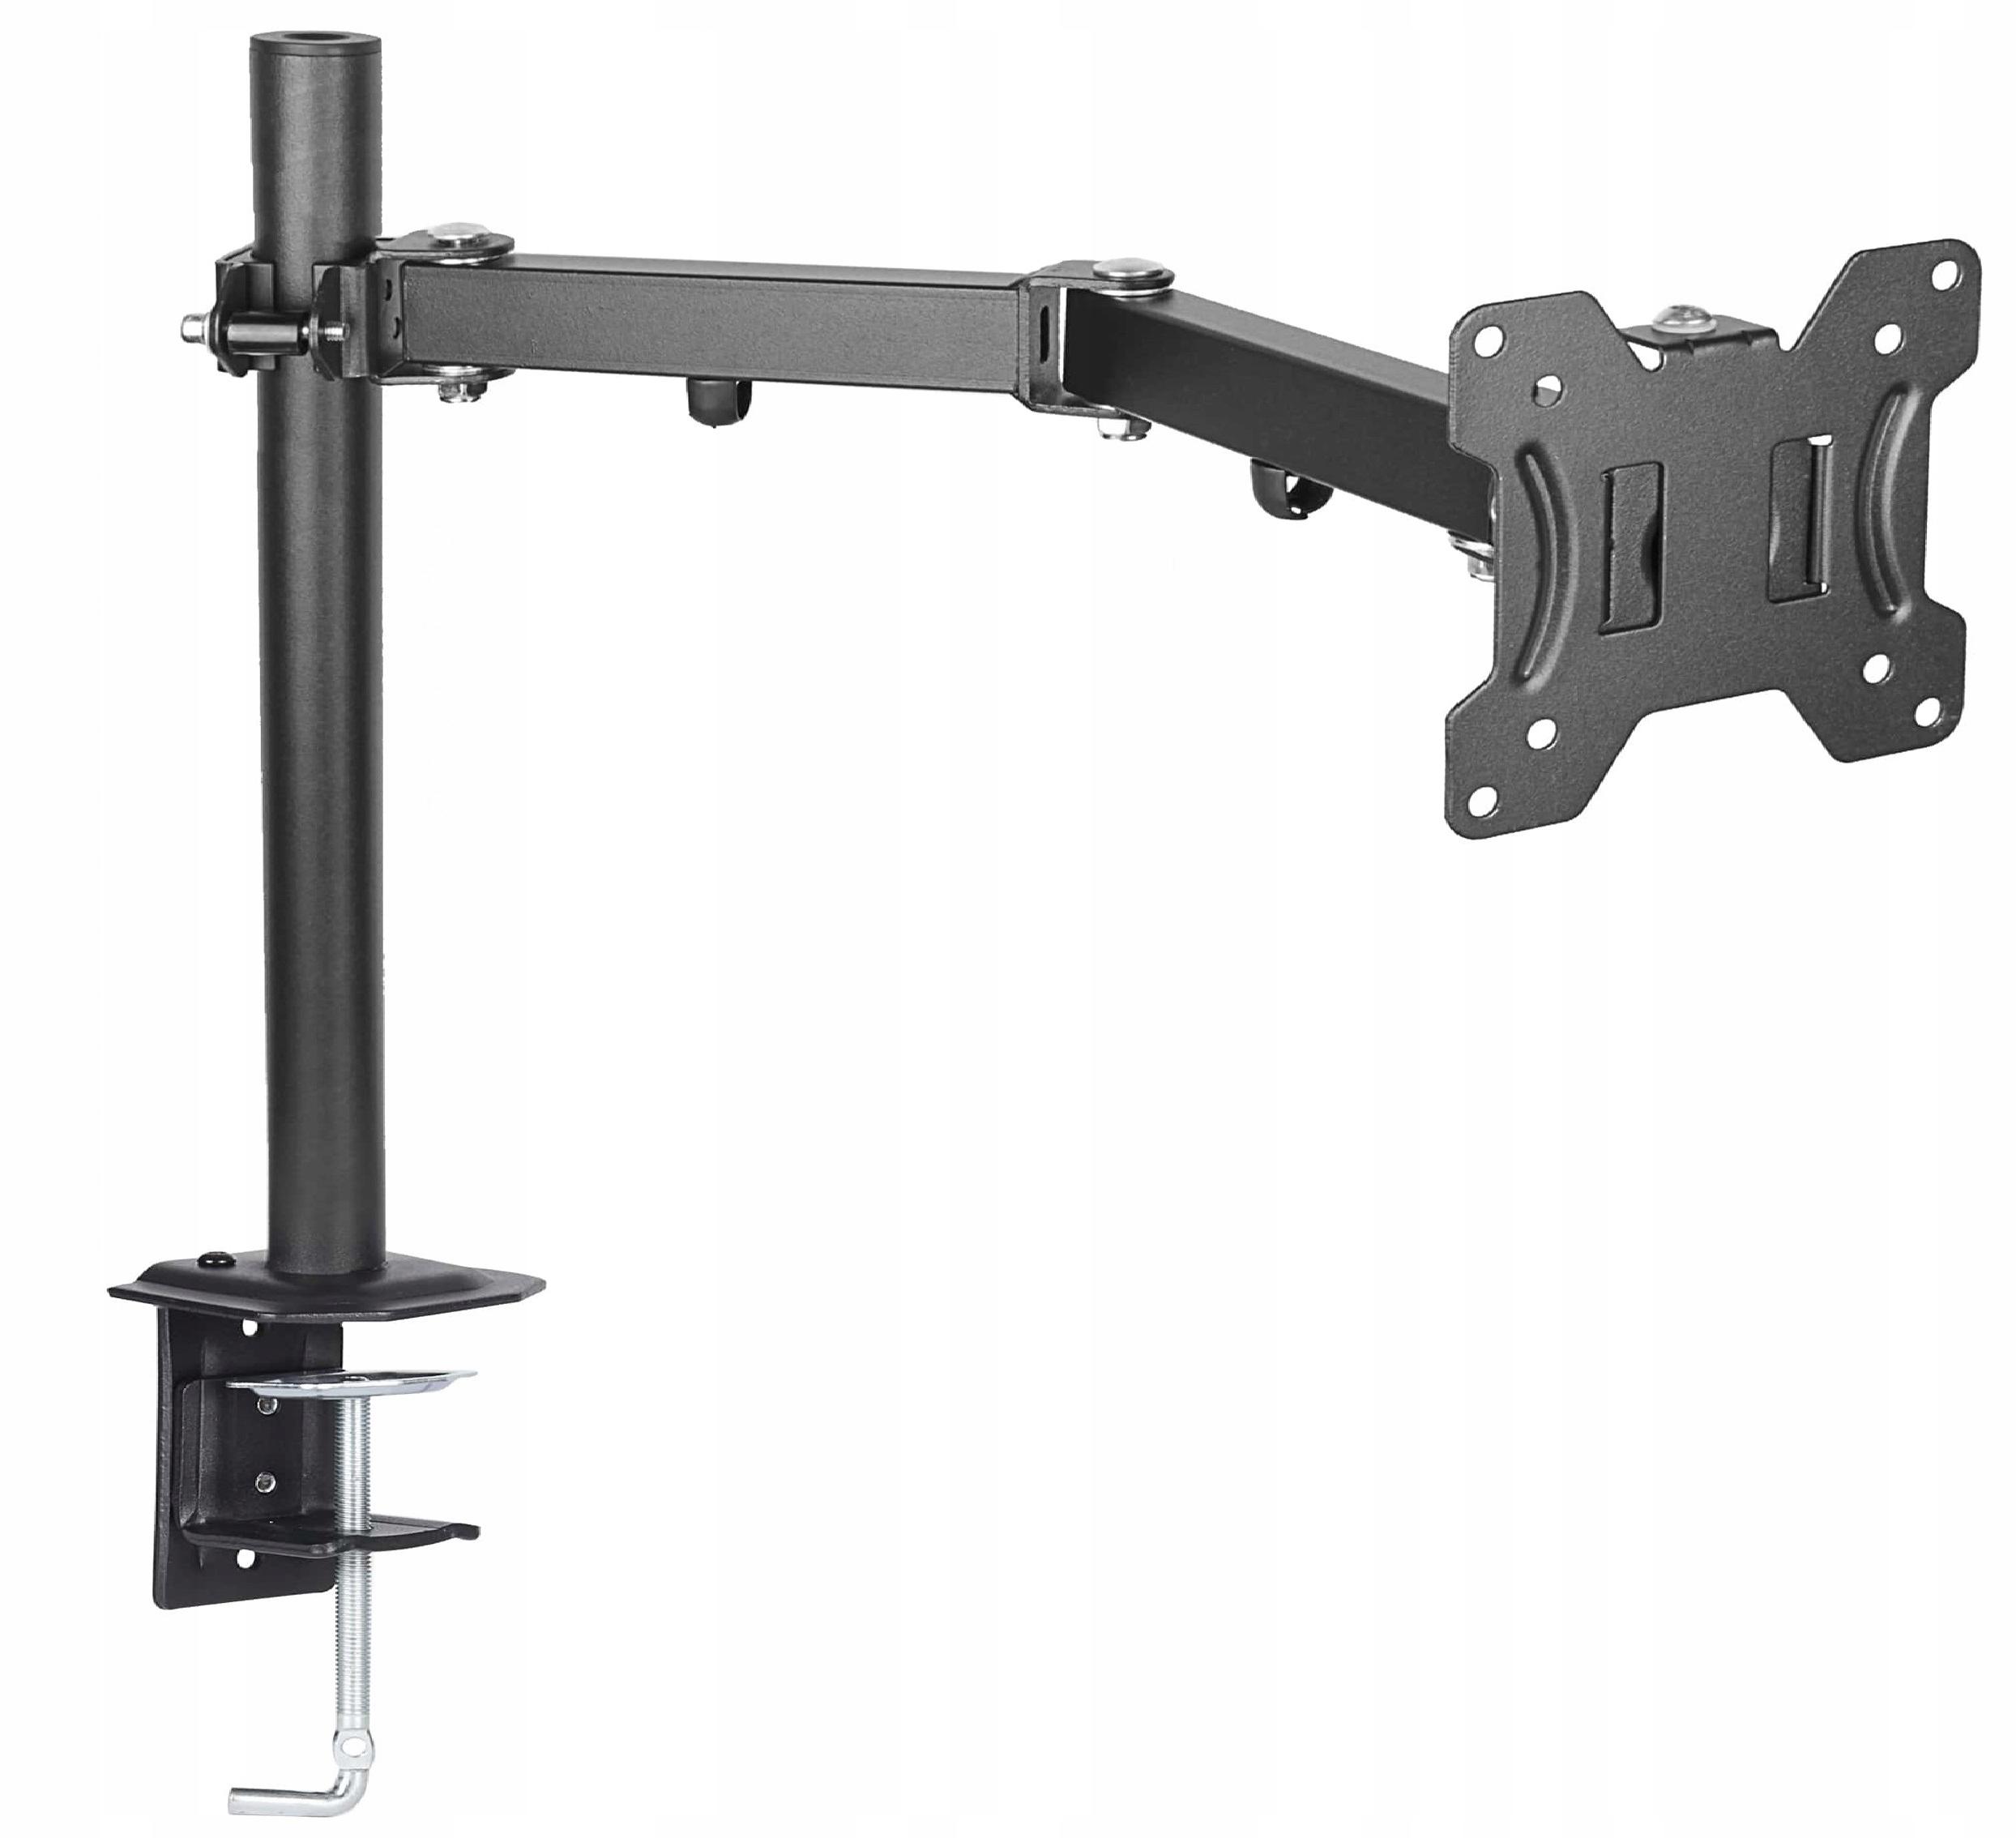 Item DESKTOP SWIVEL MOUNT LCD LED MONITOR 10-29